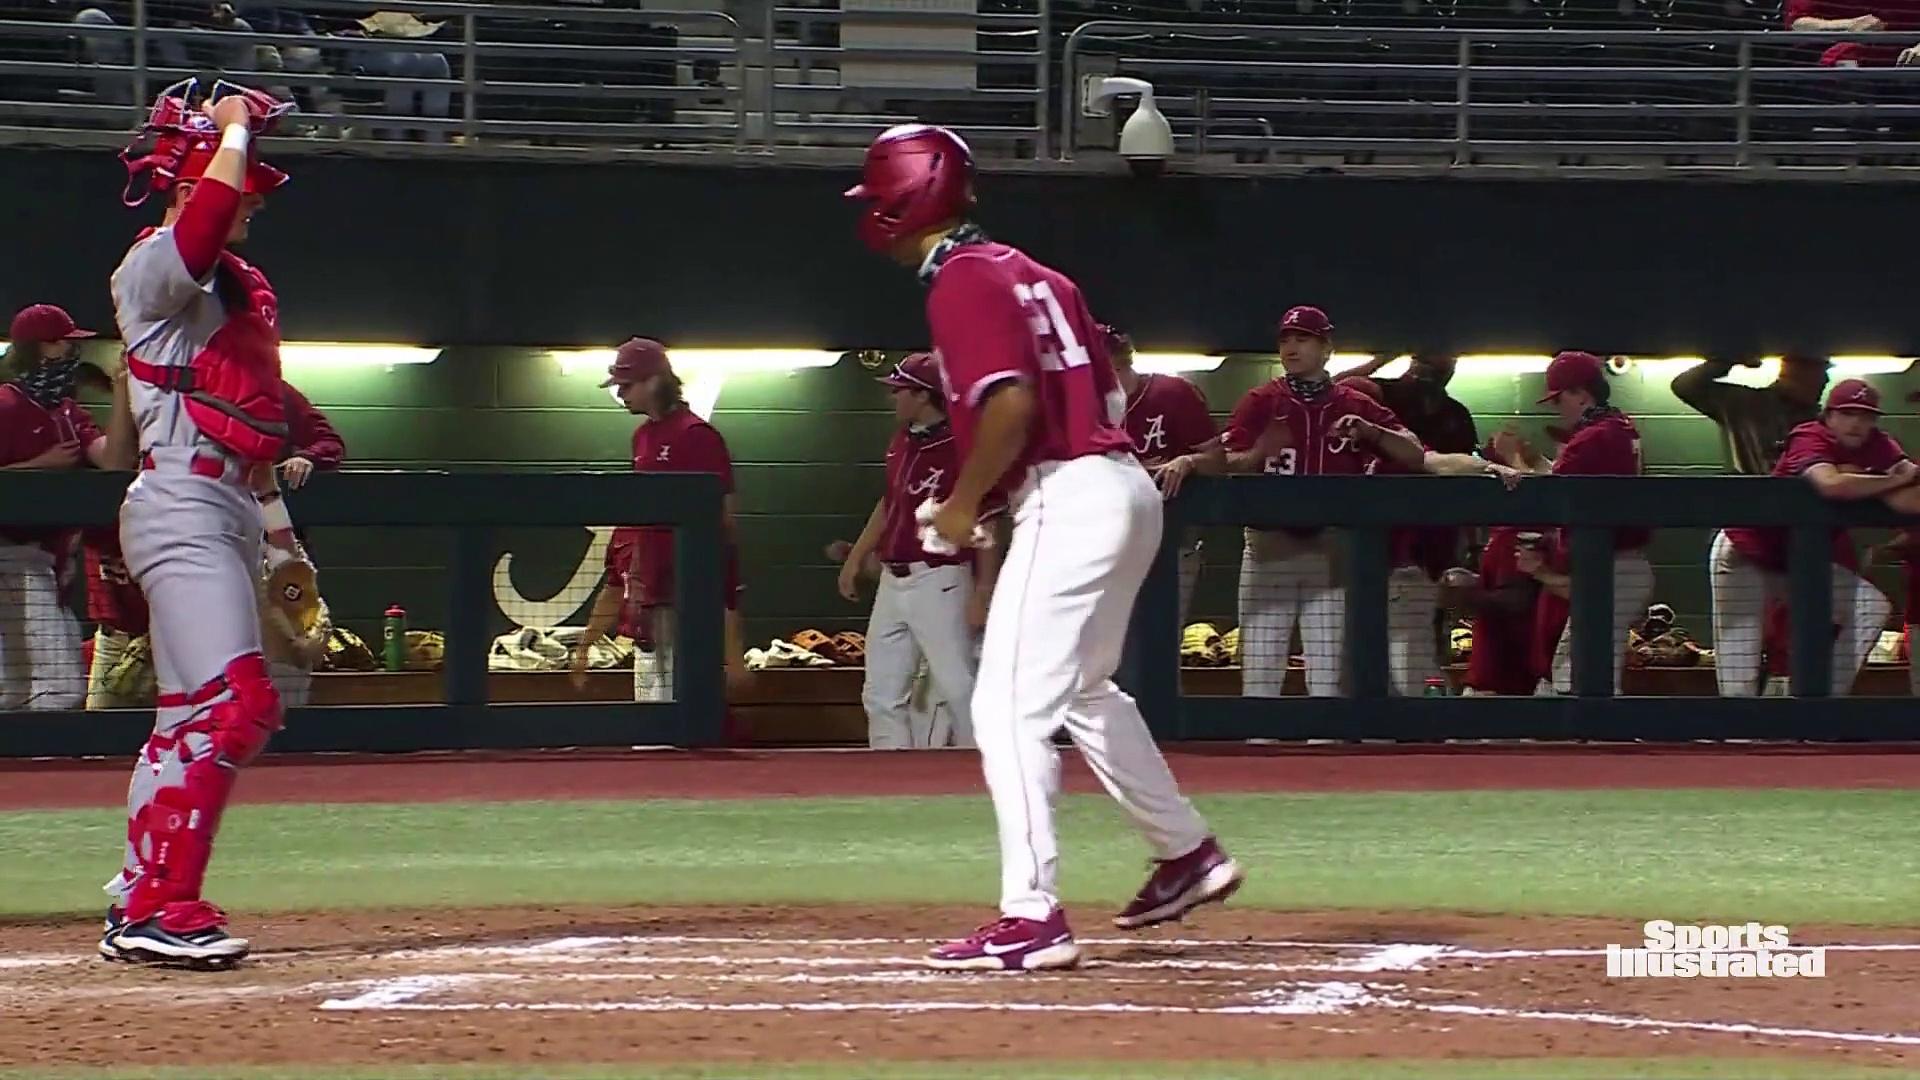 Highlights – Alabama Baseball 7, JSU 2